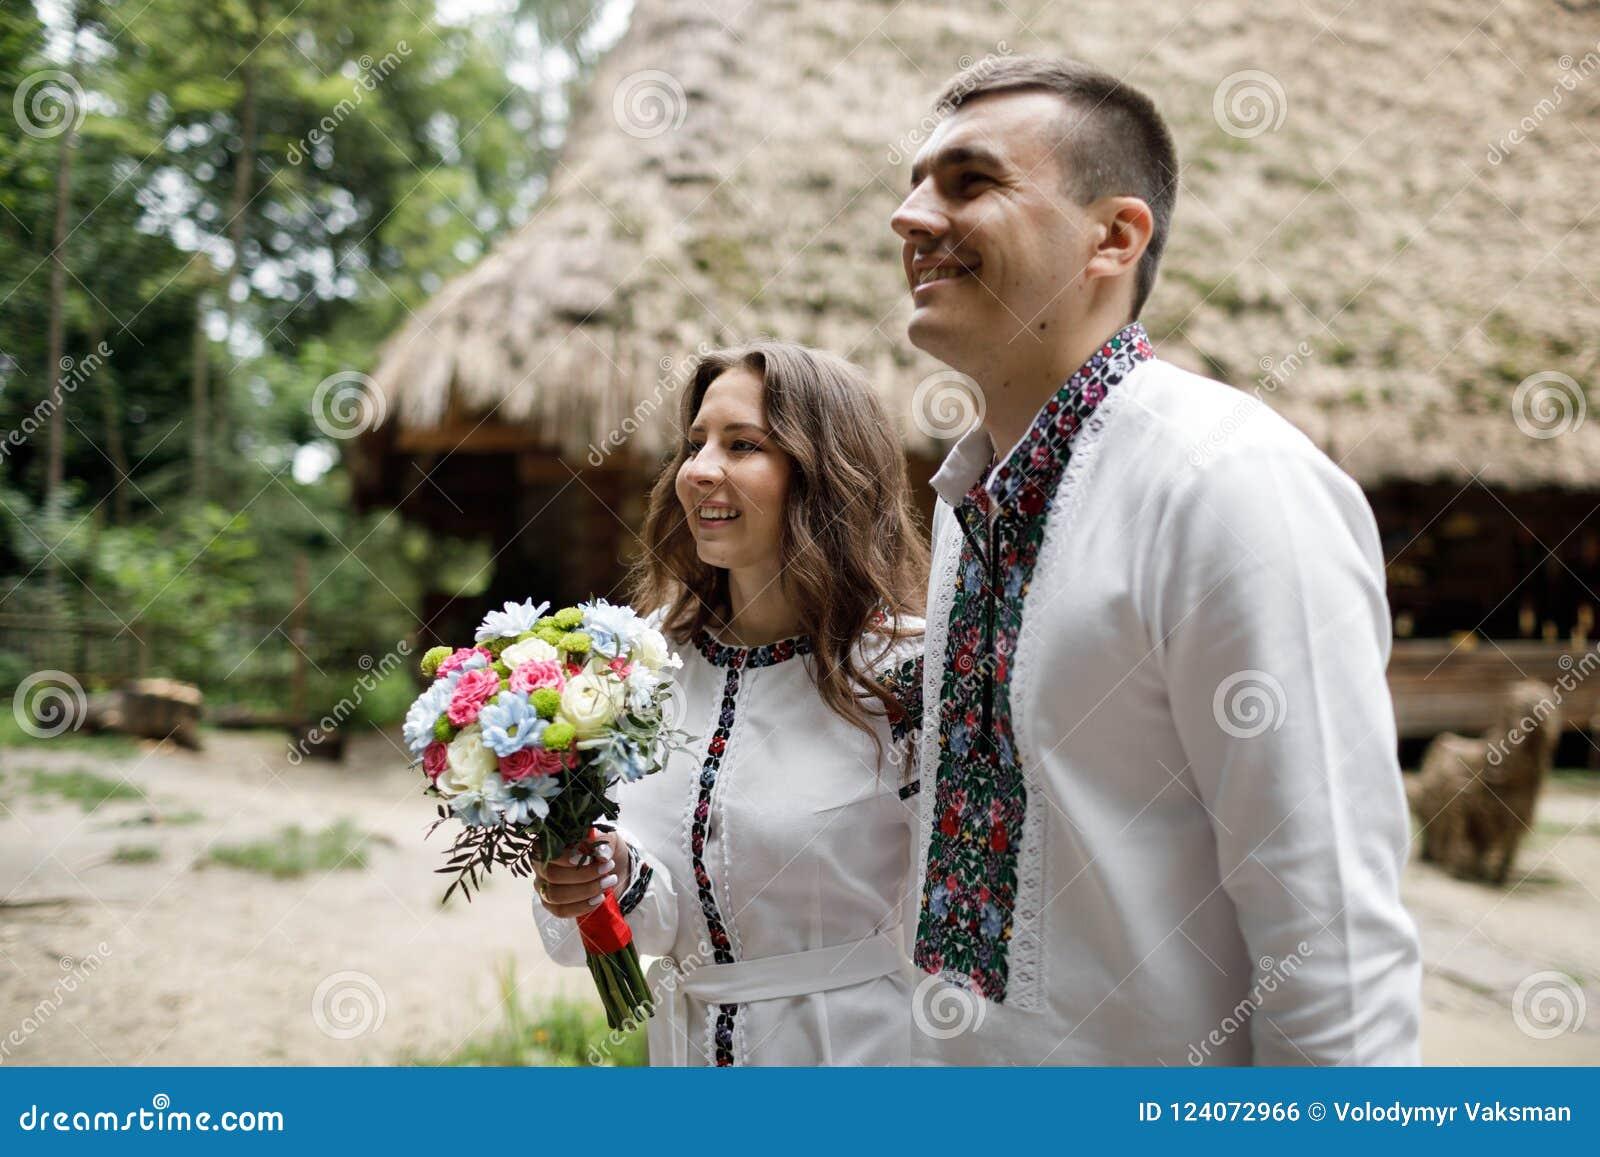 Ukrainian bride was apologise, but